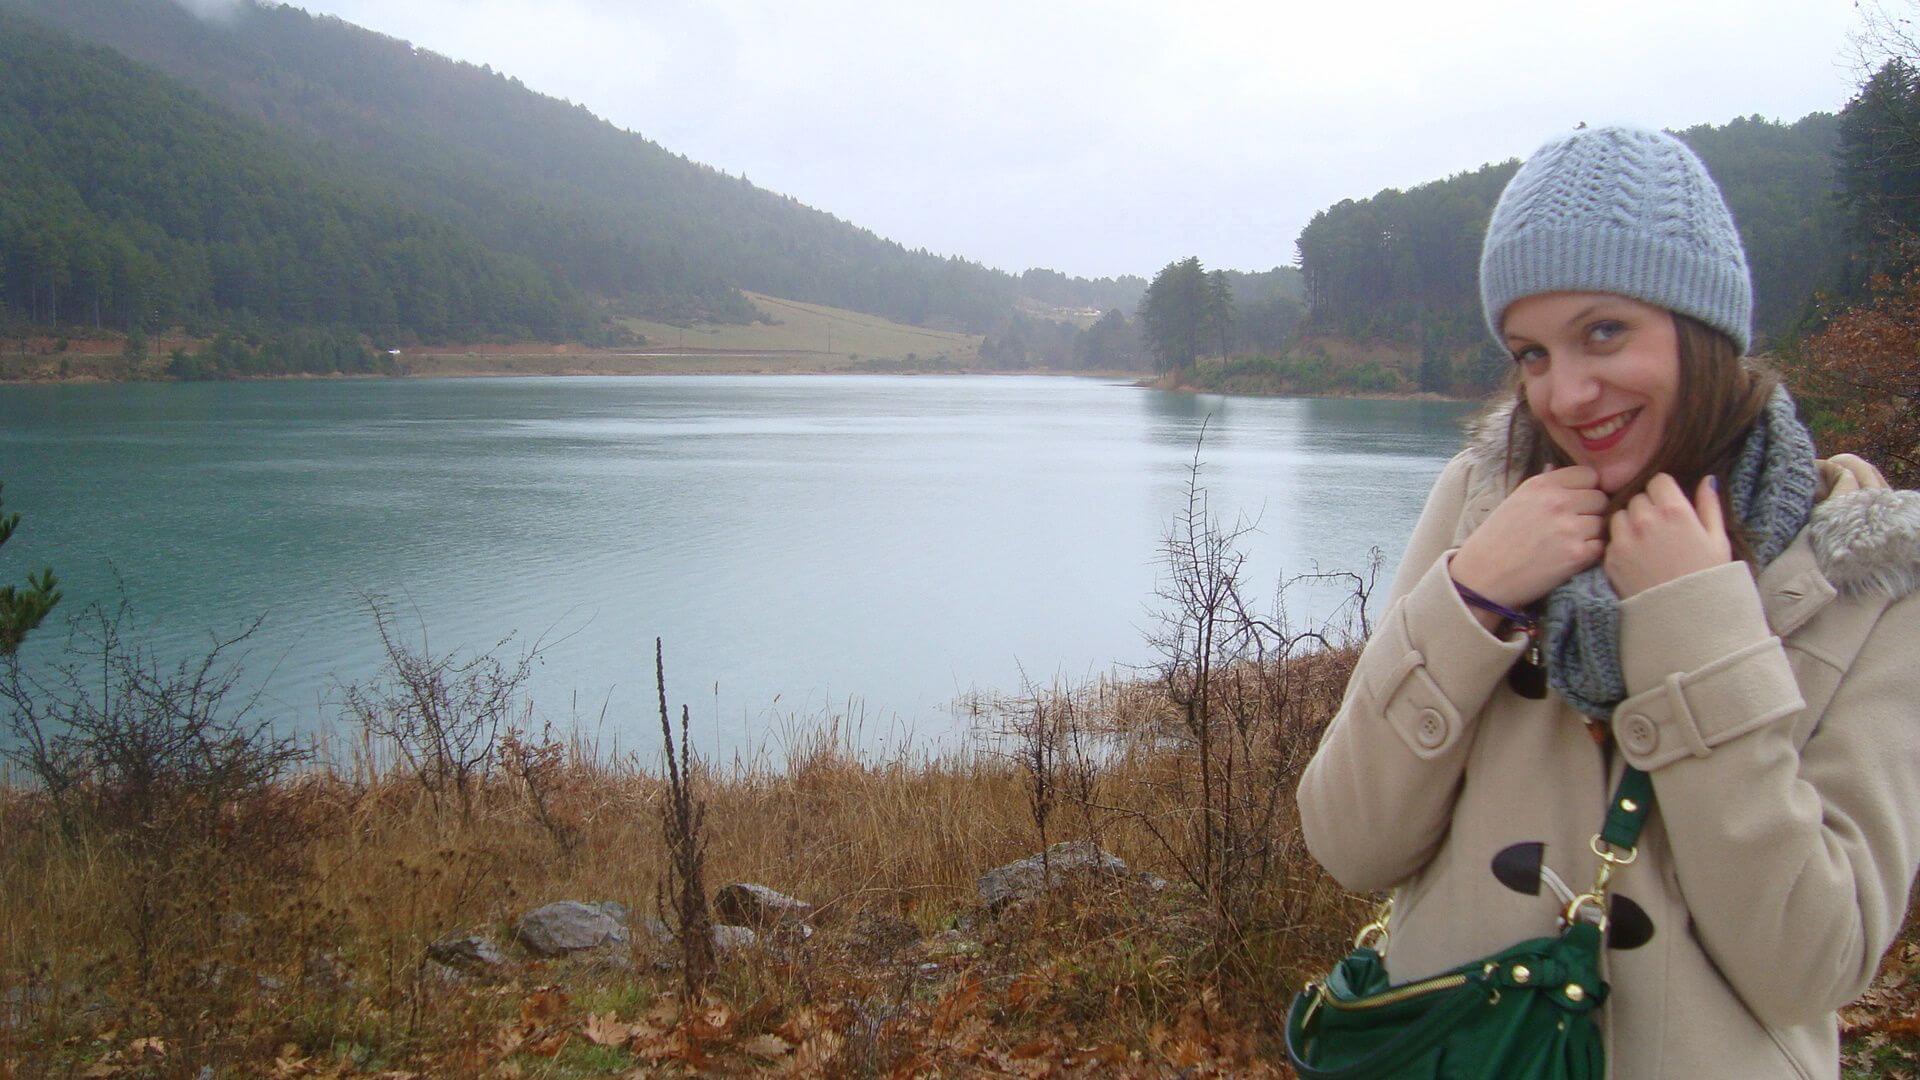 Εγώ Λίμνη Δόξα xulokastro-trikala-korinthias-limni-doxa-idaniki-kontini-apodrasi